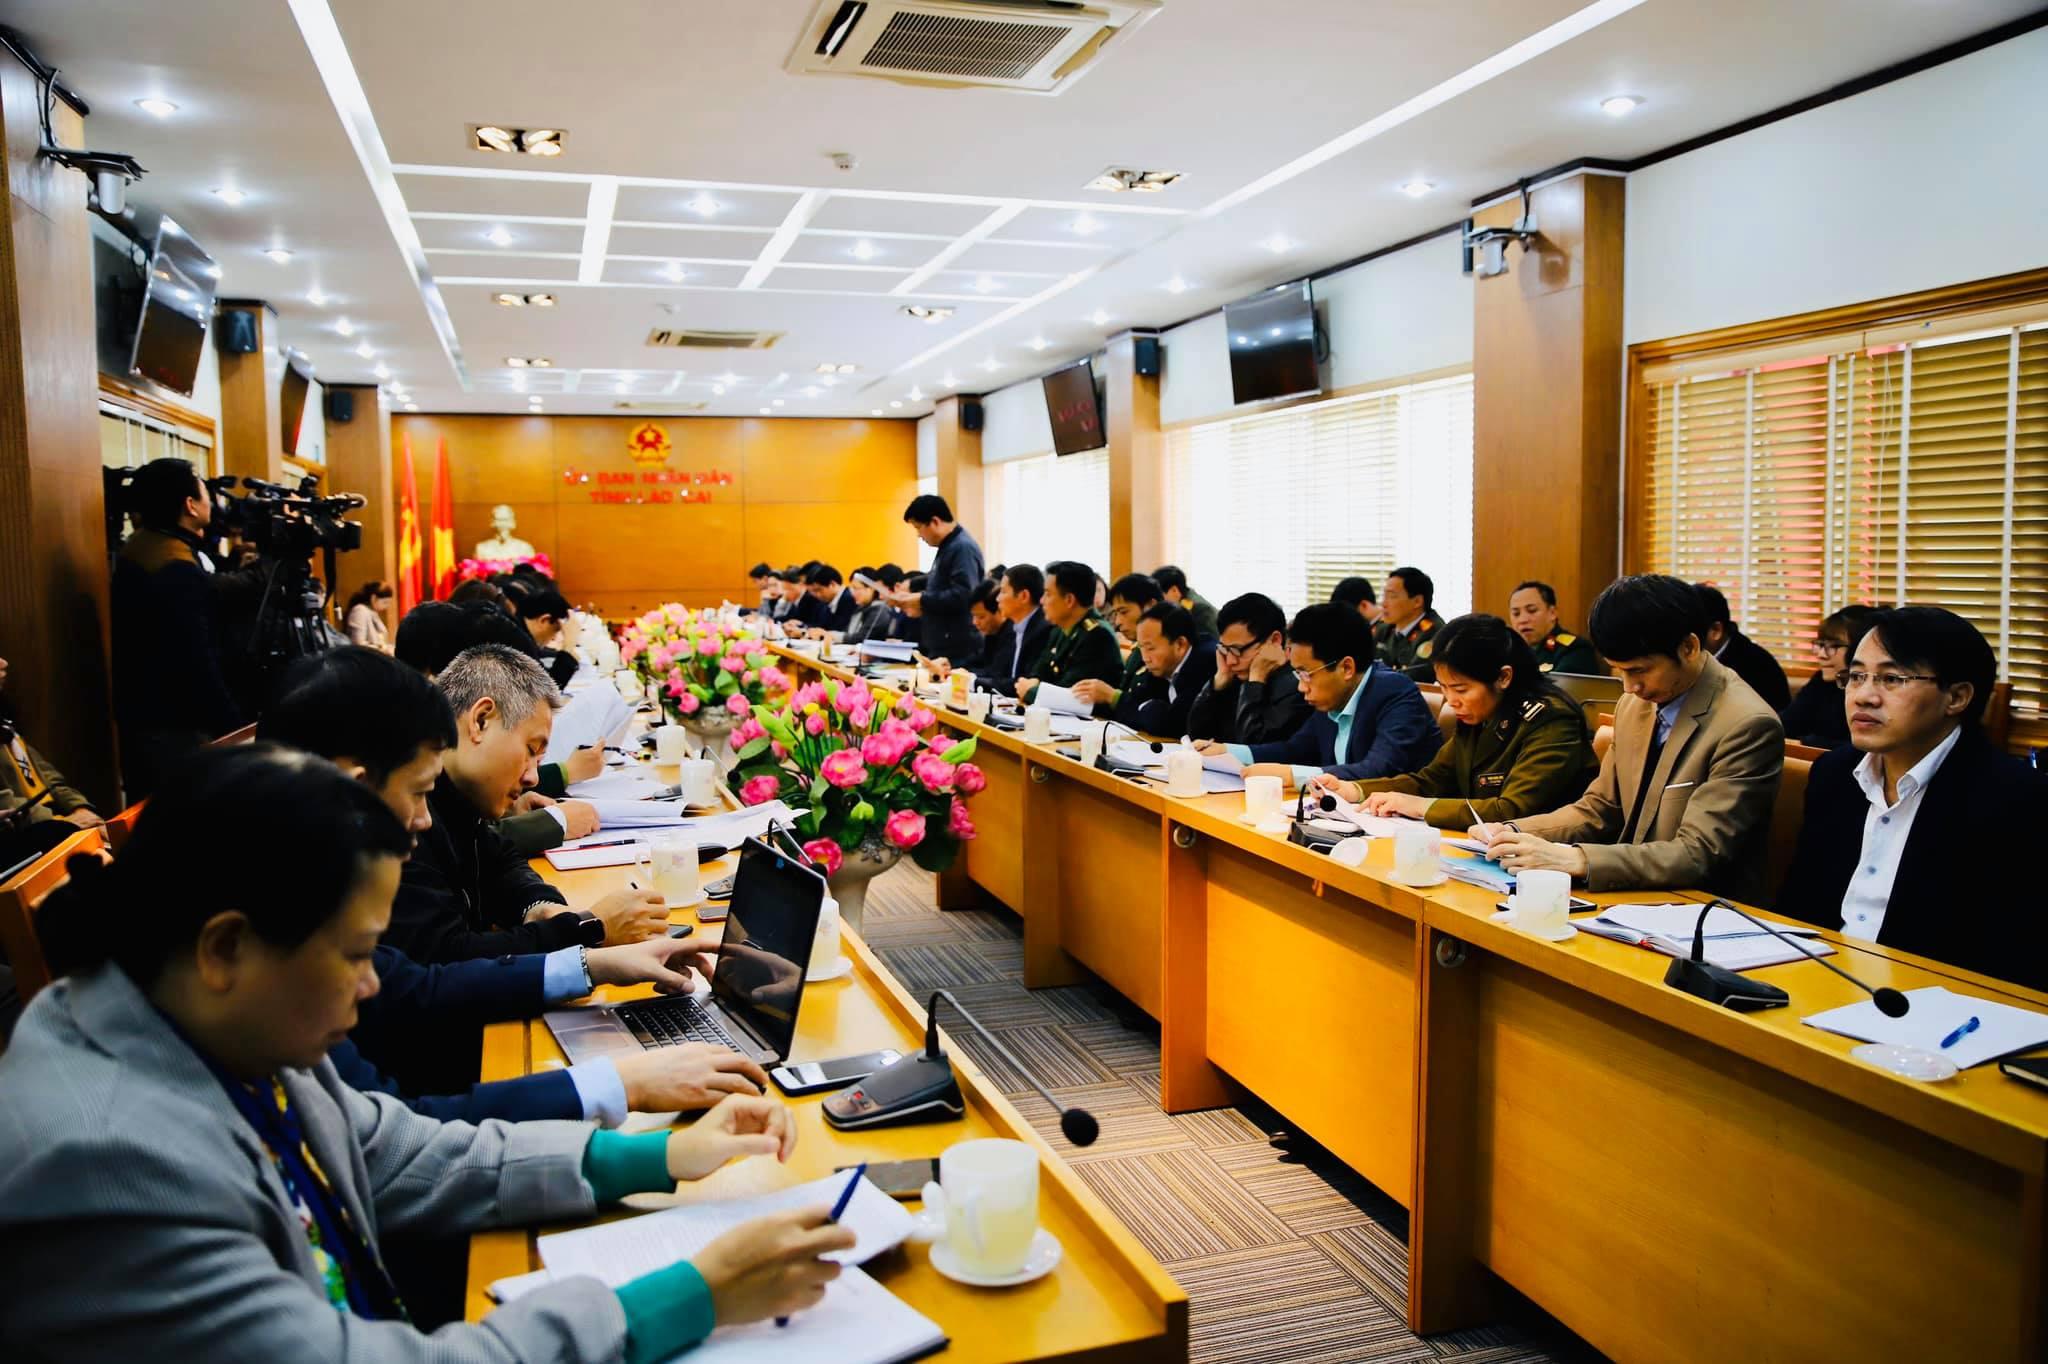 Đoàn công tác làm việc tại trụ sở UBND tỉnh Lào Cai